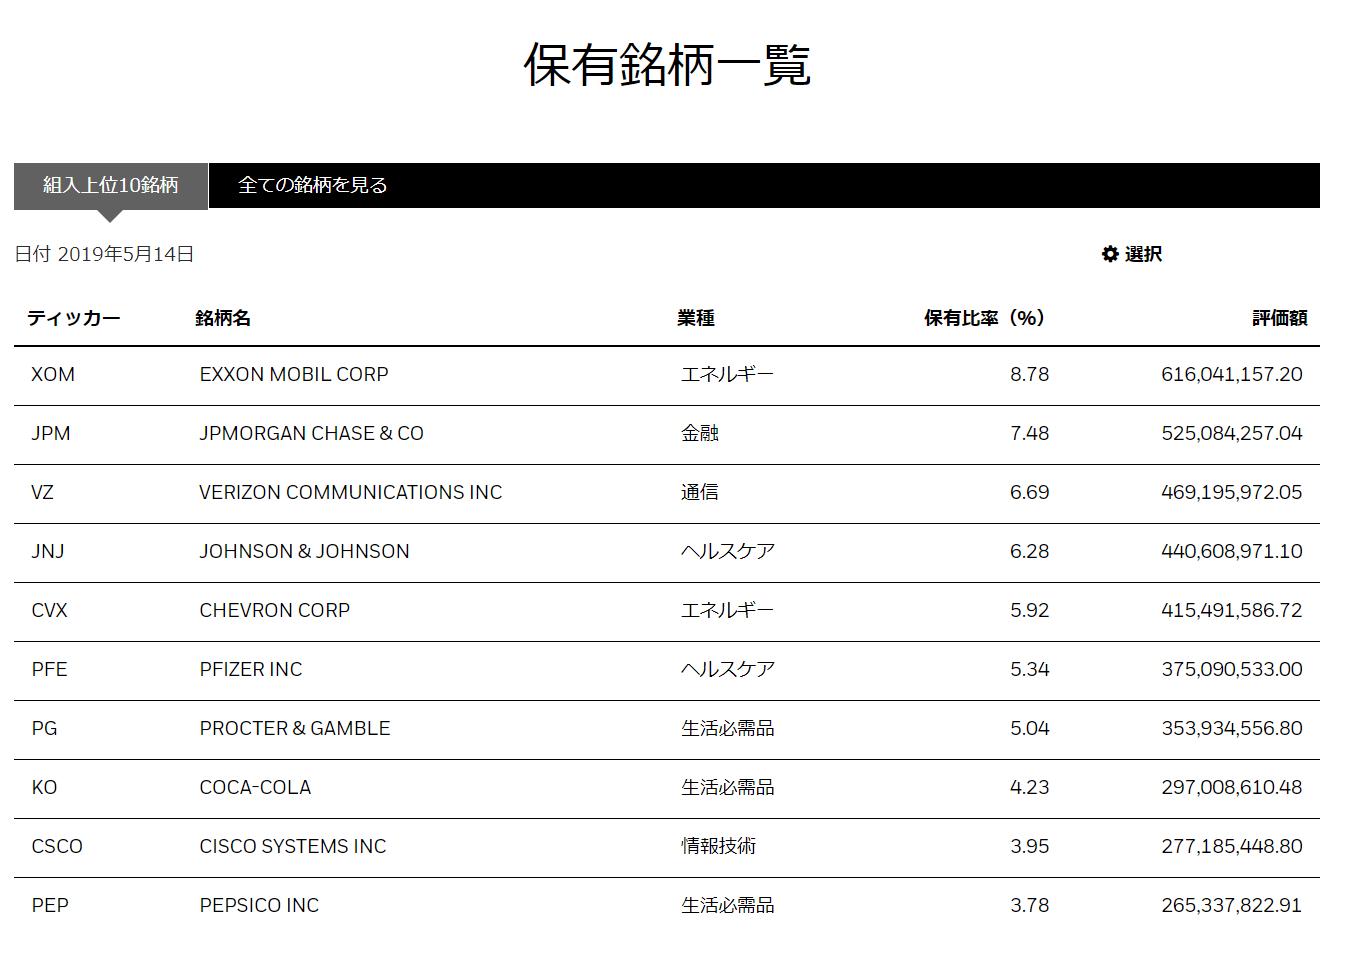 20190515HDV保有銘柄